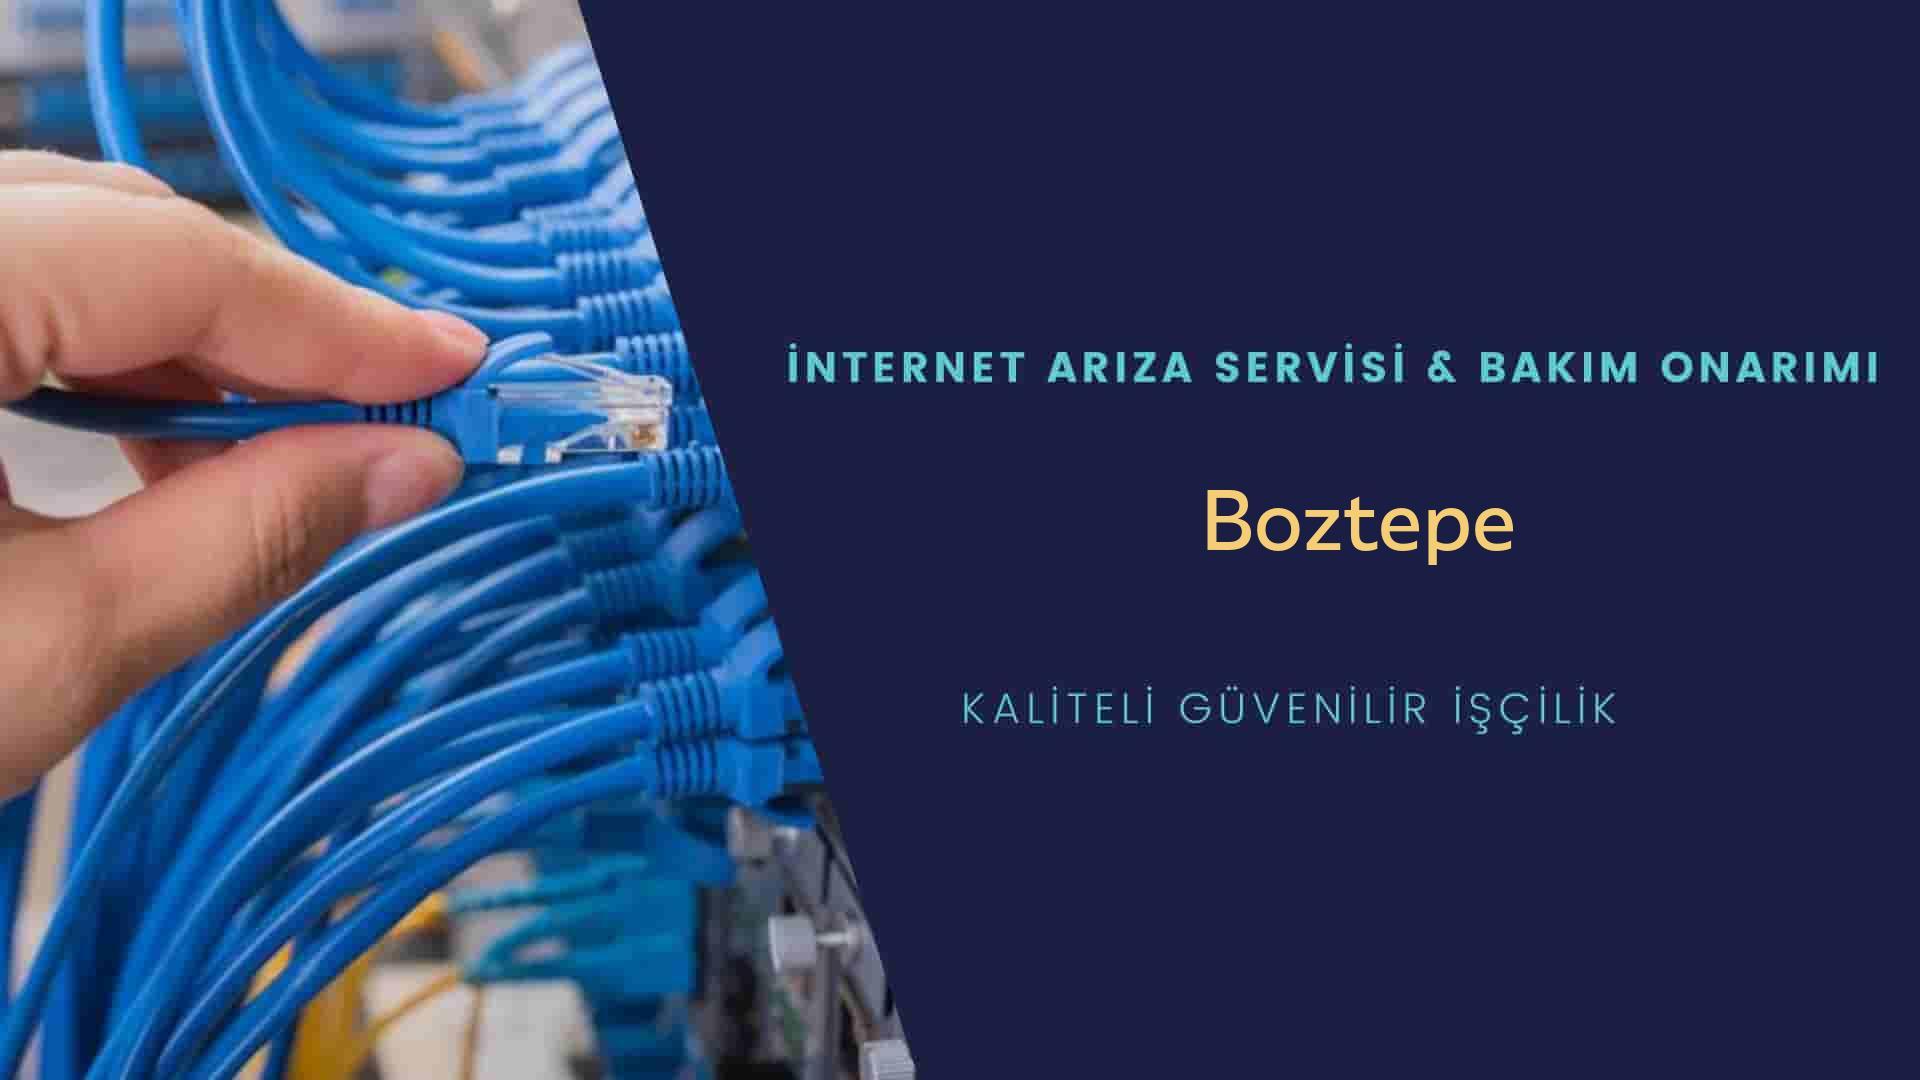 Boztepe internet kablosu çekimi yapan yerler veya elektrikçiler mi? arıyorsunuz doğru yerdesiniz o zaman sizlere 7/24 yardımcı olacak profesyonel ustalarımız bir telefon kadar yakındır size.